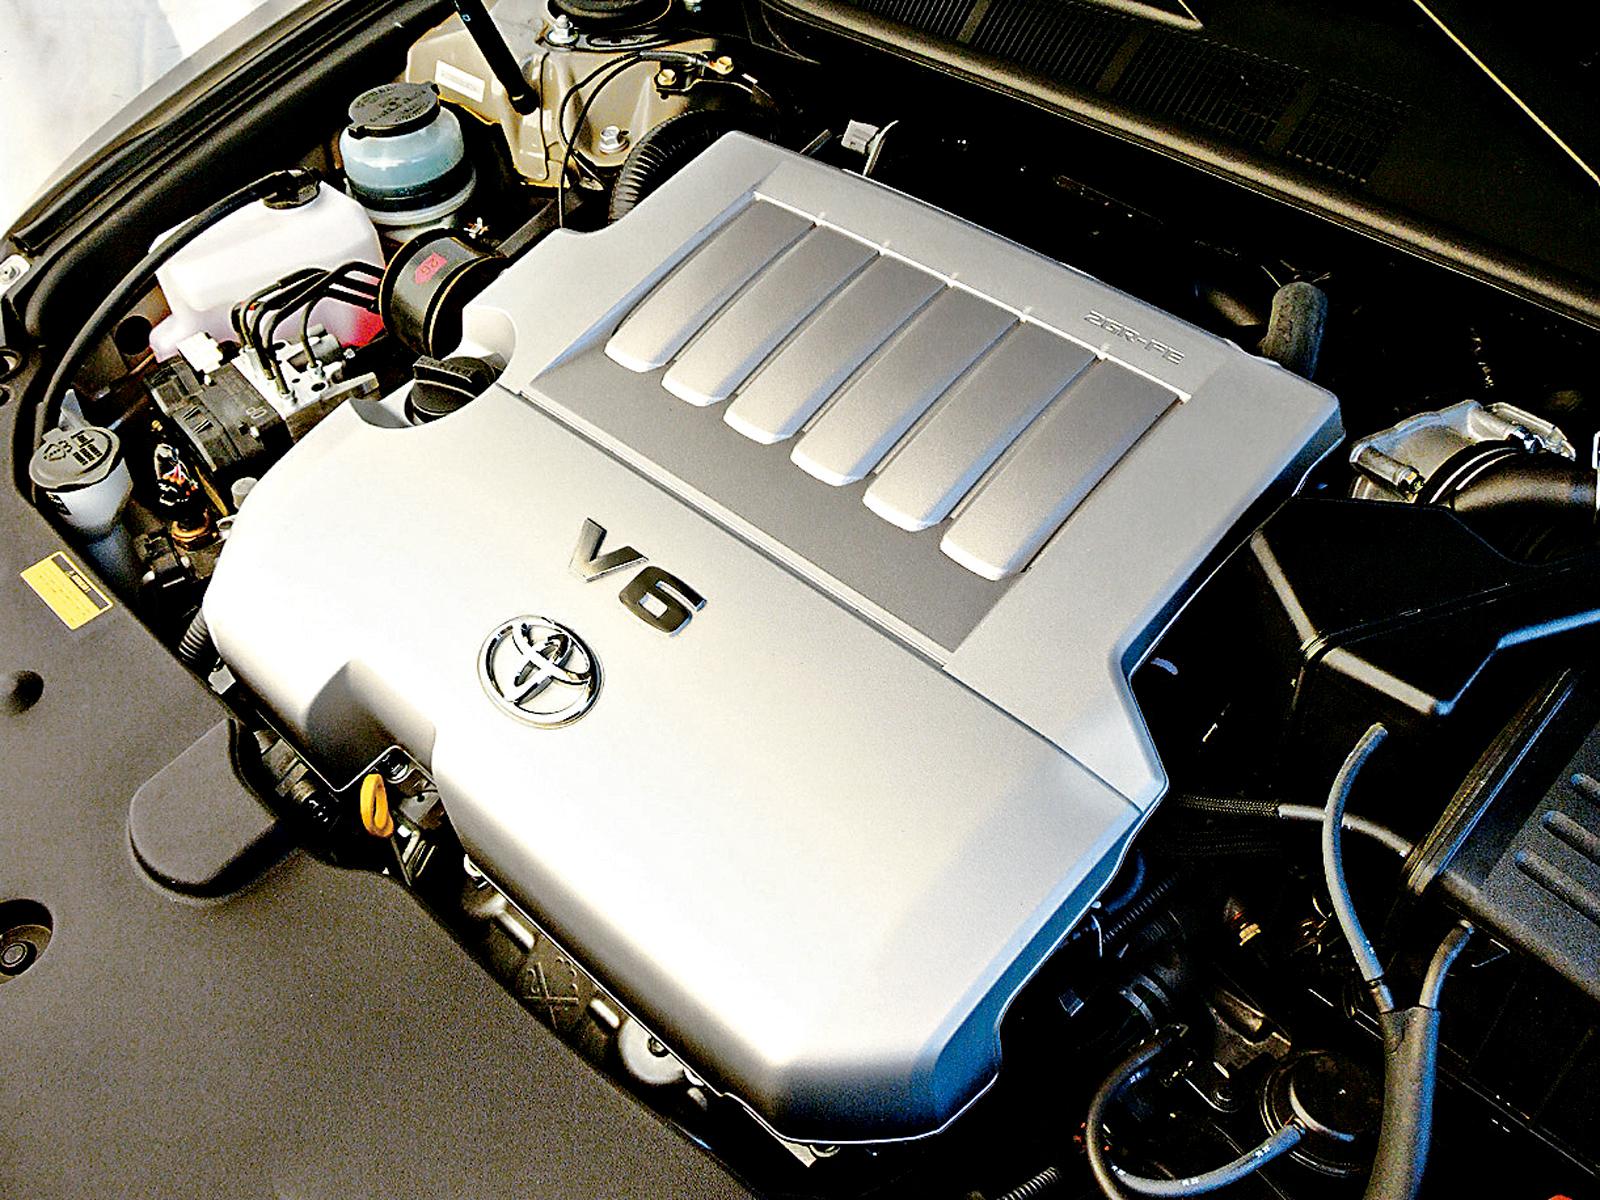 Motor V6 oferece 186 cv